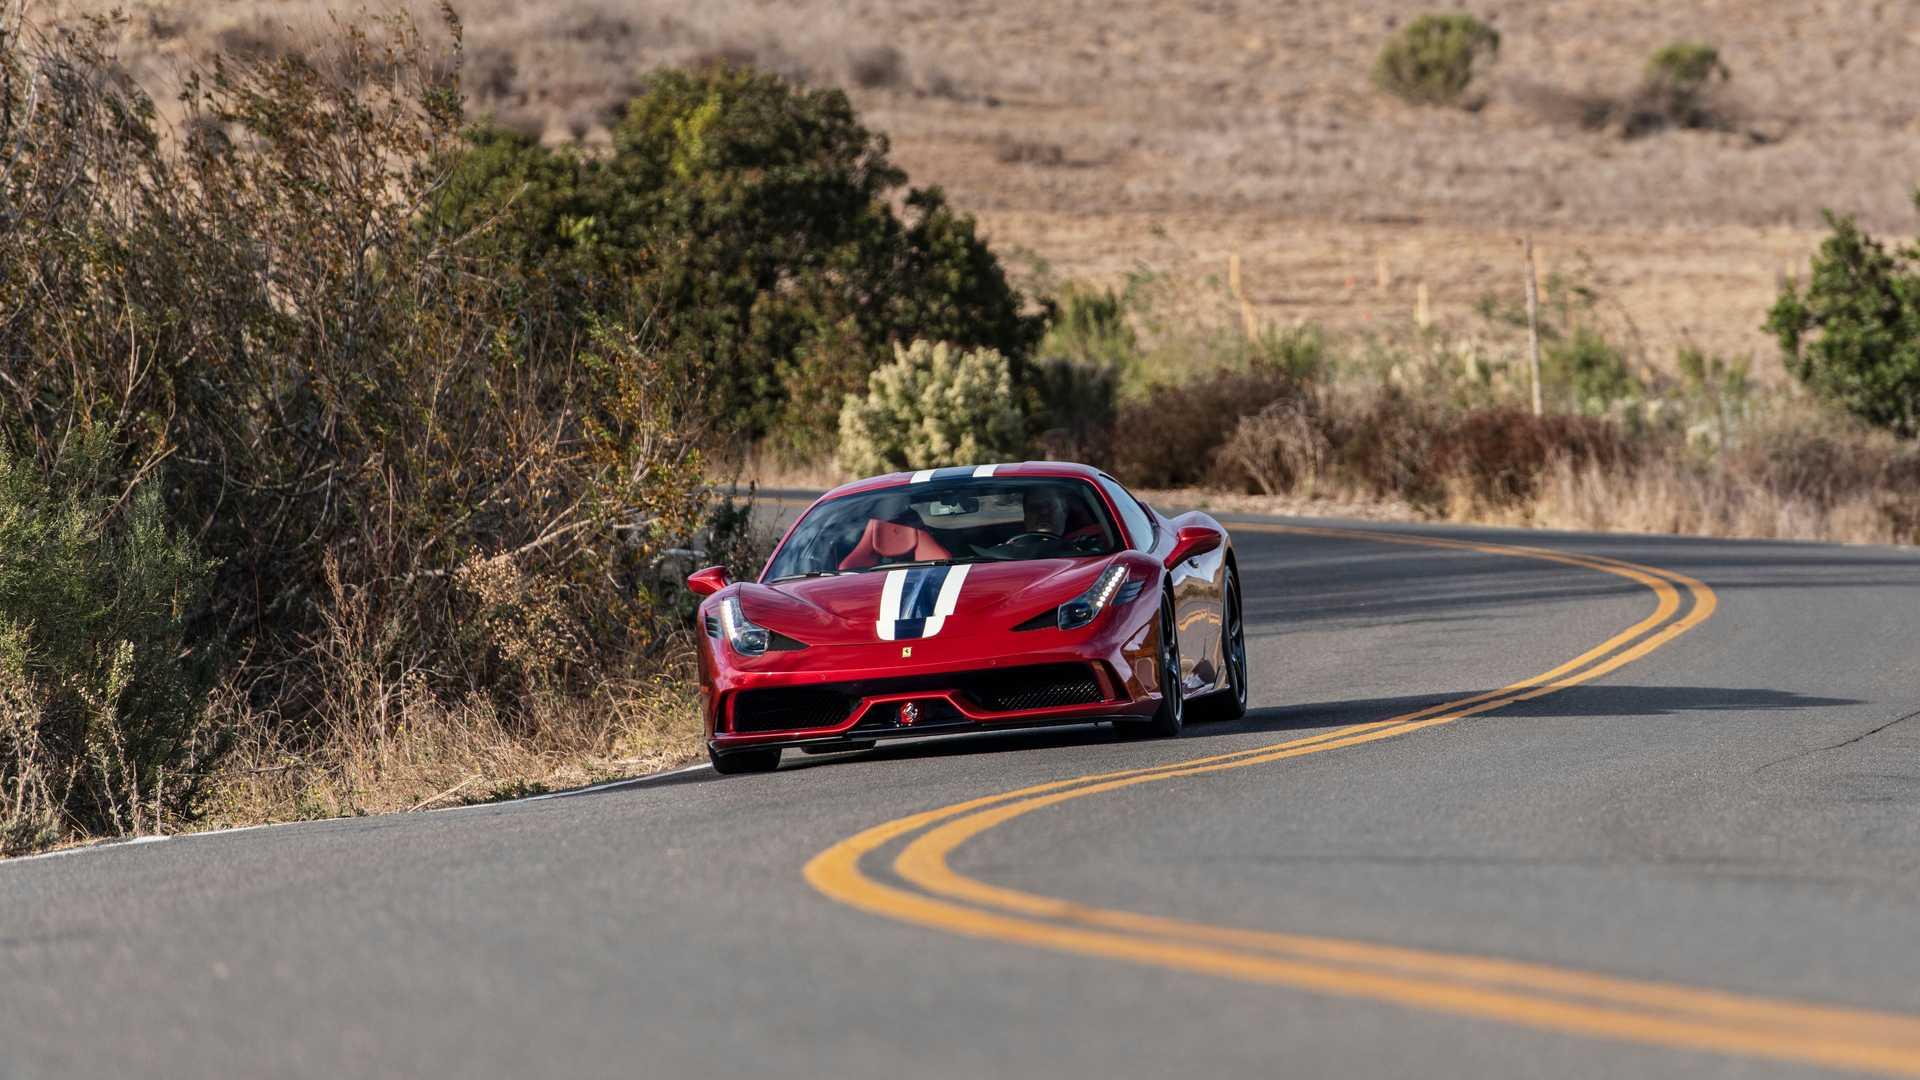 Ferrari-458-Speciale-AddArmor-2